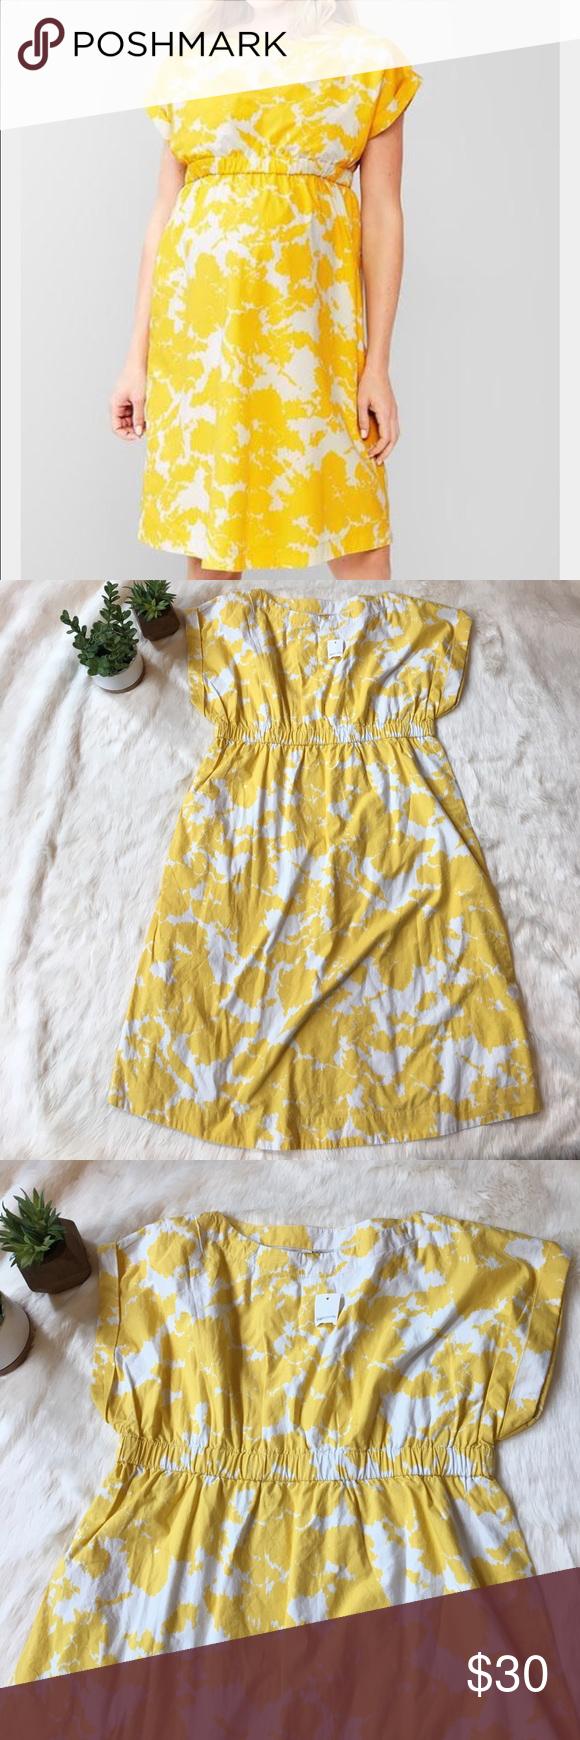 Nwt Gap Maternity Dress Yellow White Maternity Dresses Dresses Yellow Dress [ 1740 x 580 Pixel ]